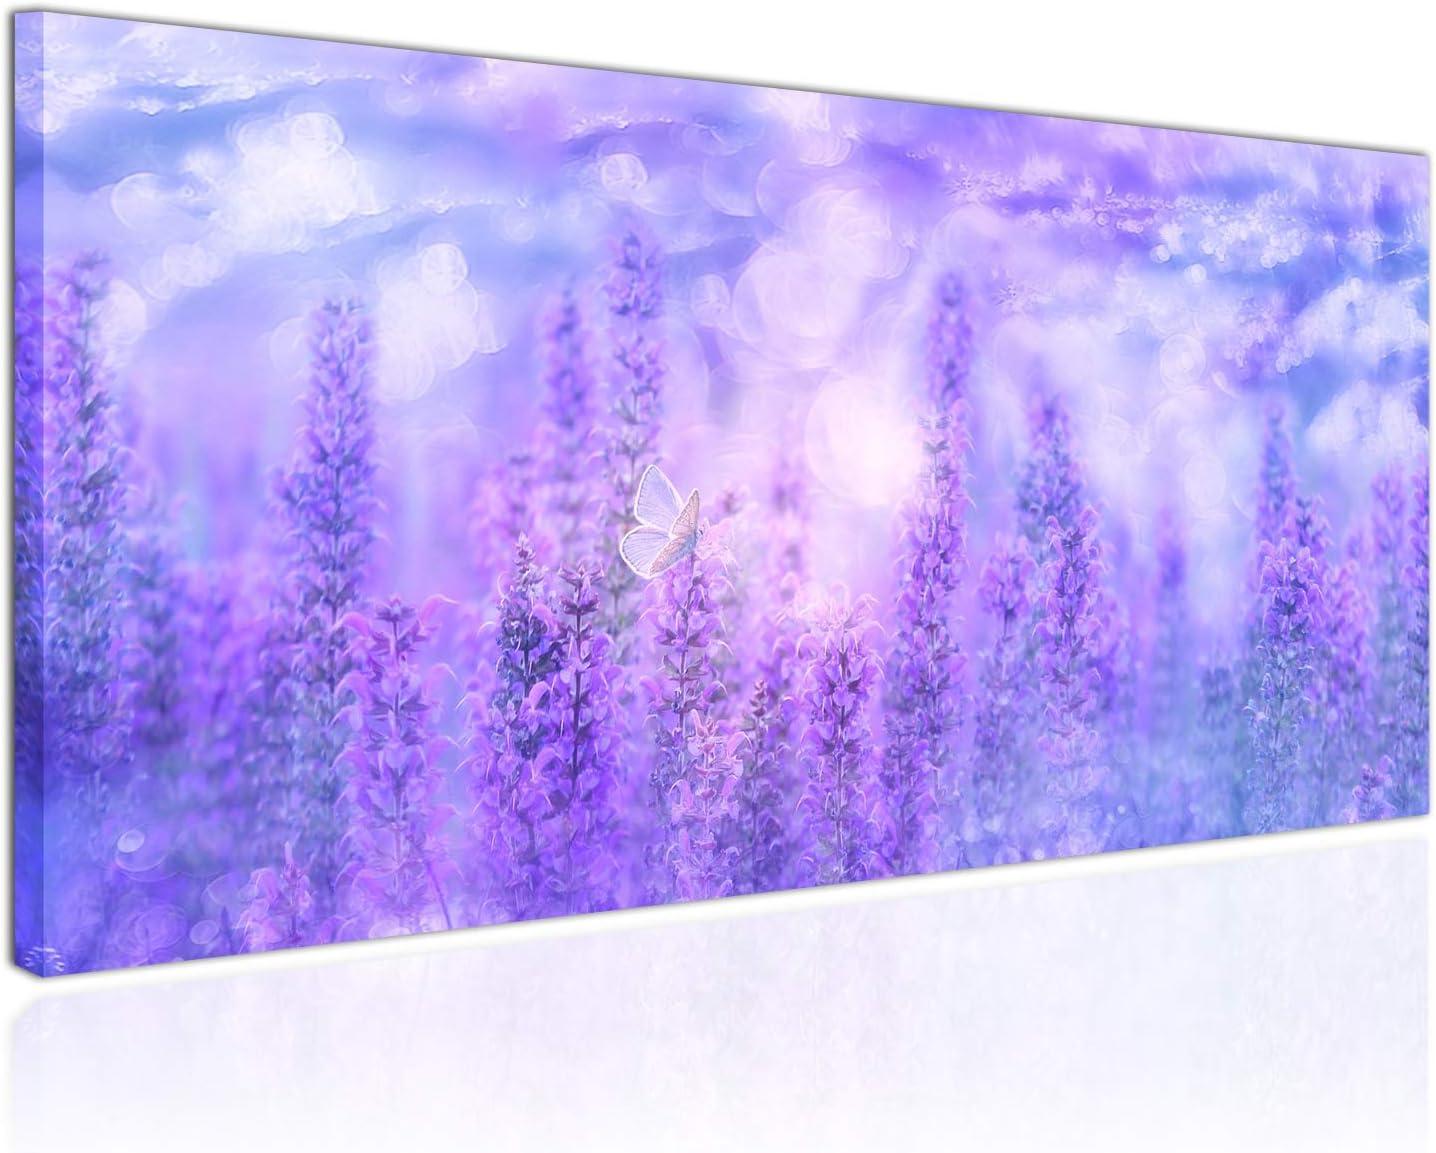 Topquadro Cuadro XXL sobre Lienzo, Imagen Panorámica 100x50cm, Violetas y Flores Lilas, Mariposas, Colores Delicados, Estilo Elegante - Decoración de Pared, Imagen Panorámica - Una Pieza